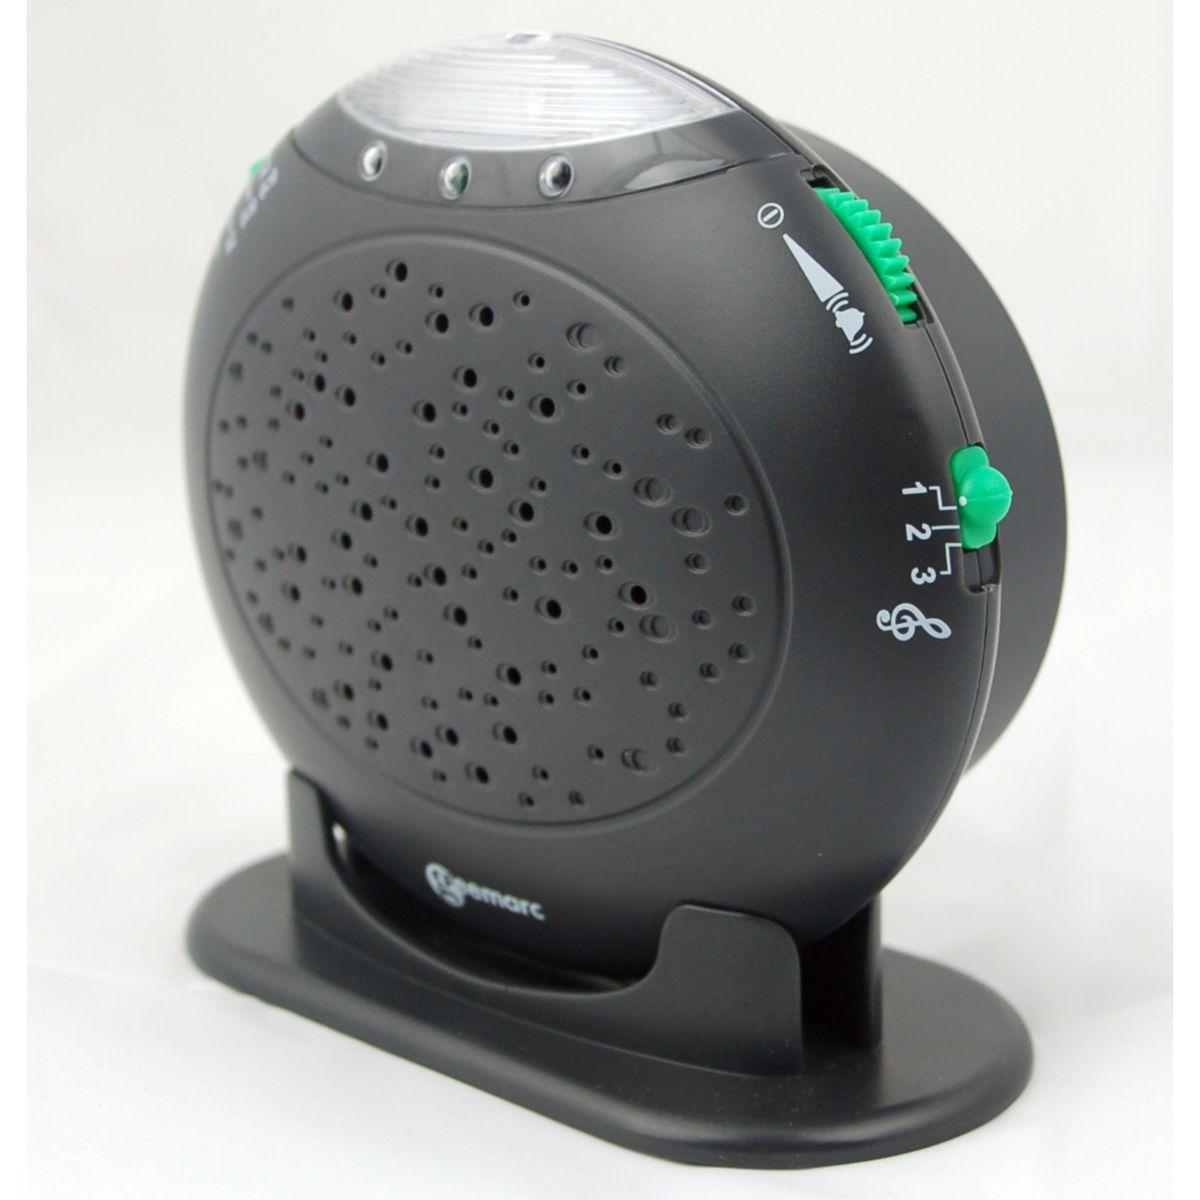 Accessoire aide auditive geemarc amplicall 10 noir - 2% de remise imm�diate avec le code : priv2 (photo)